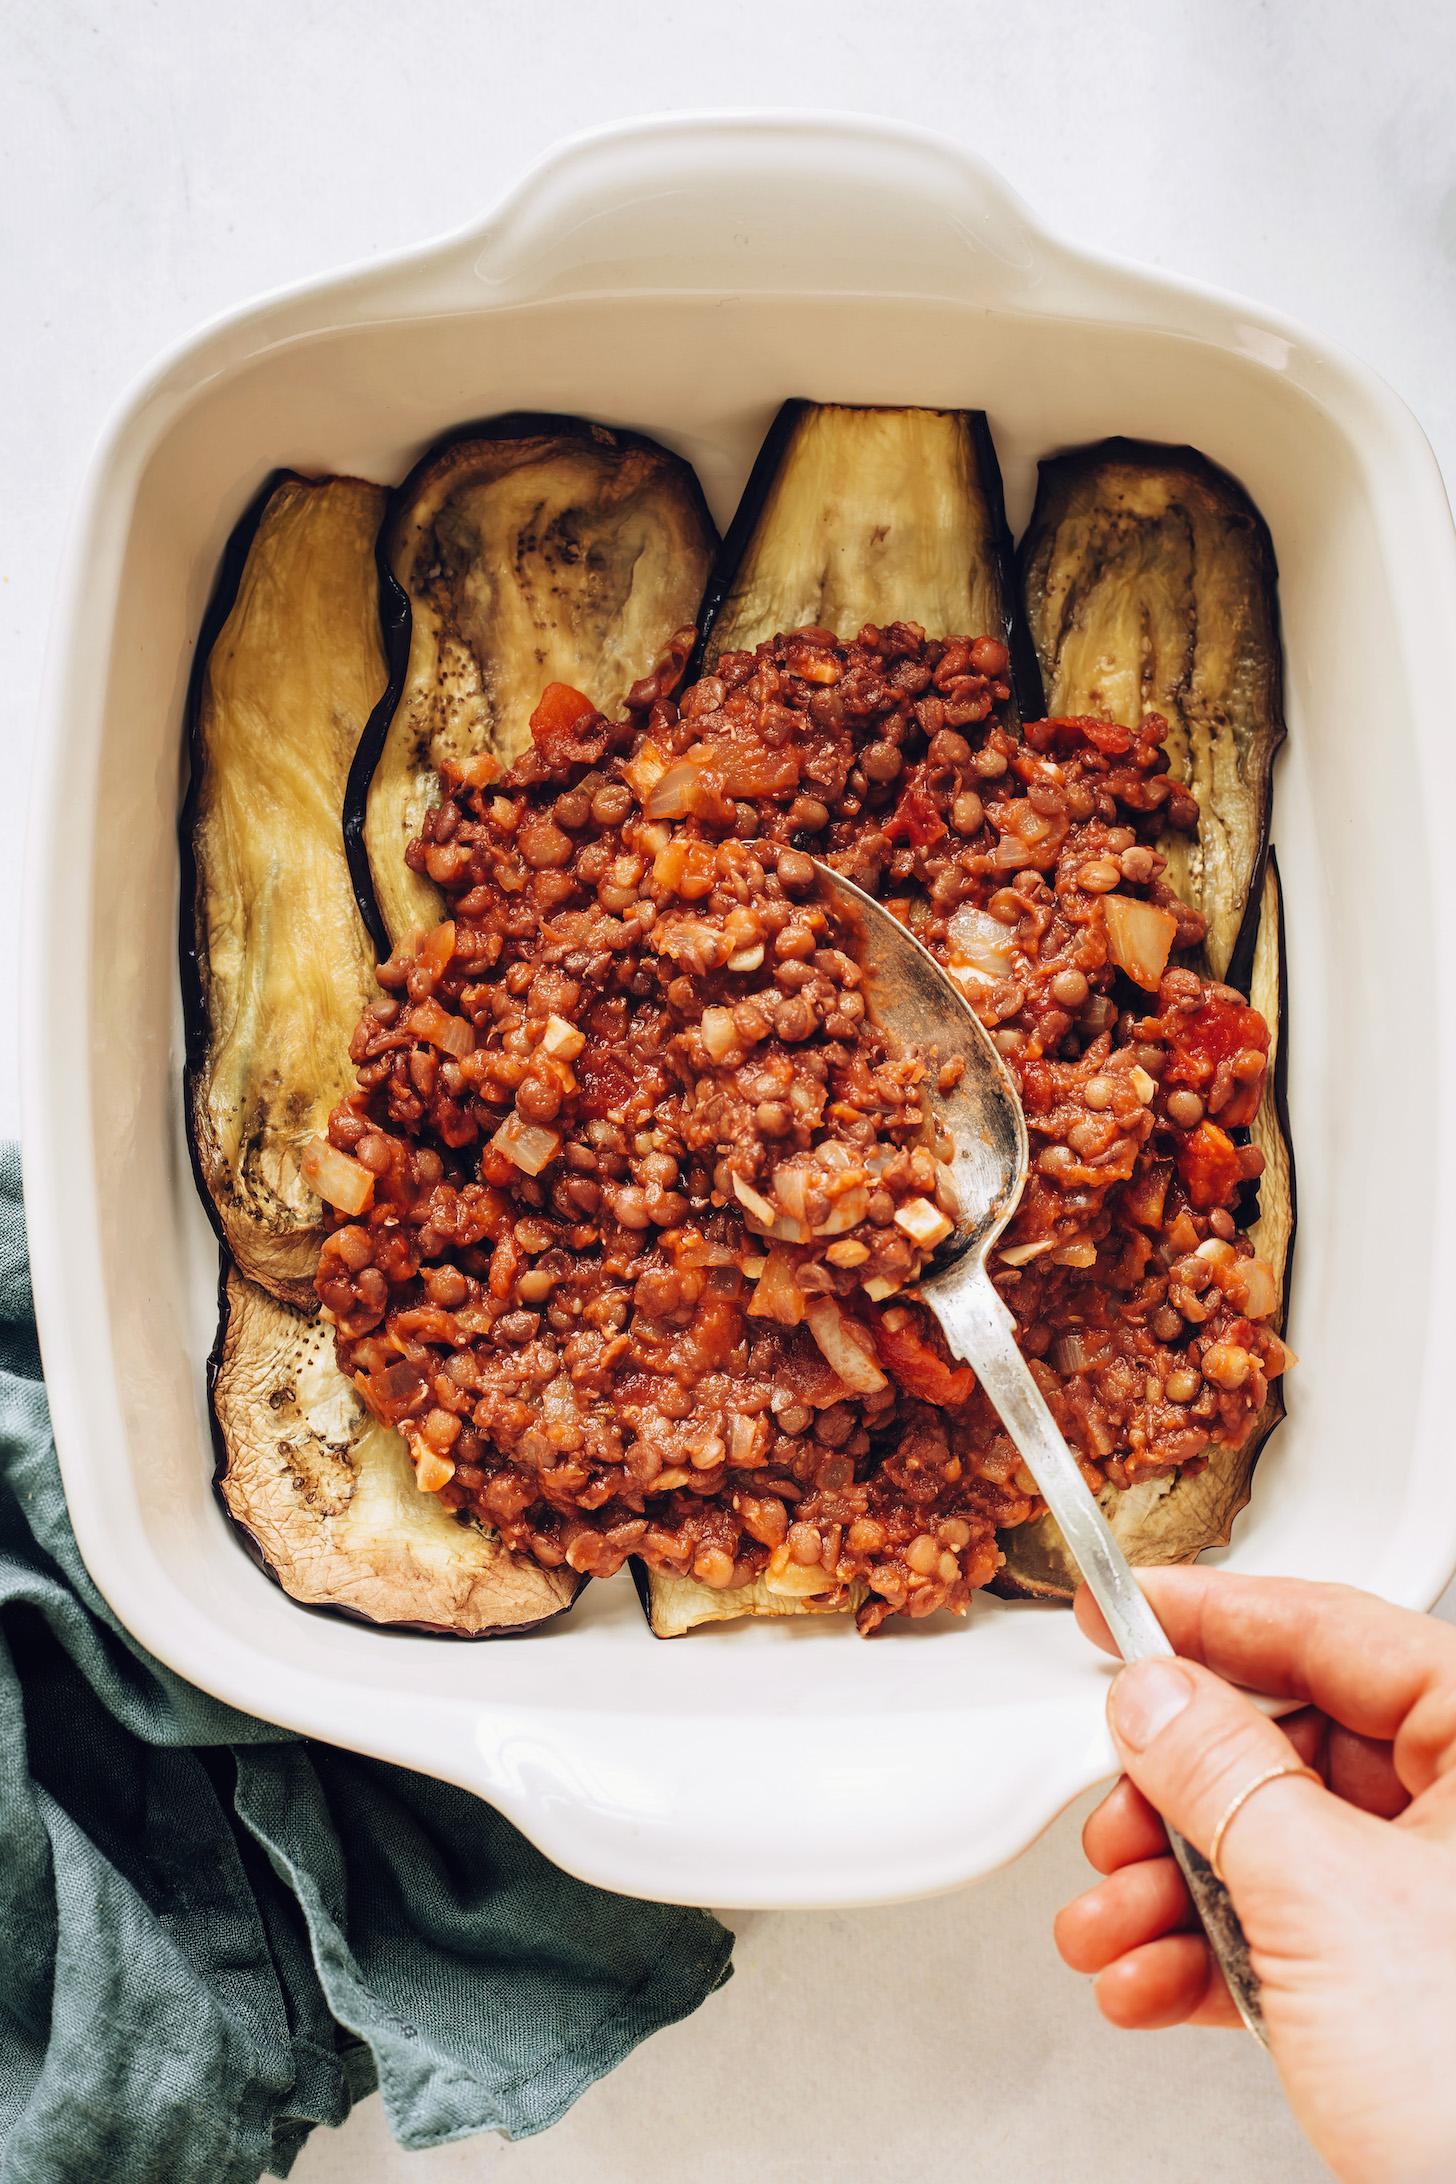 Pouring lentil filling over baked eggplant slices